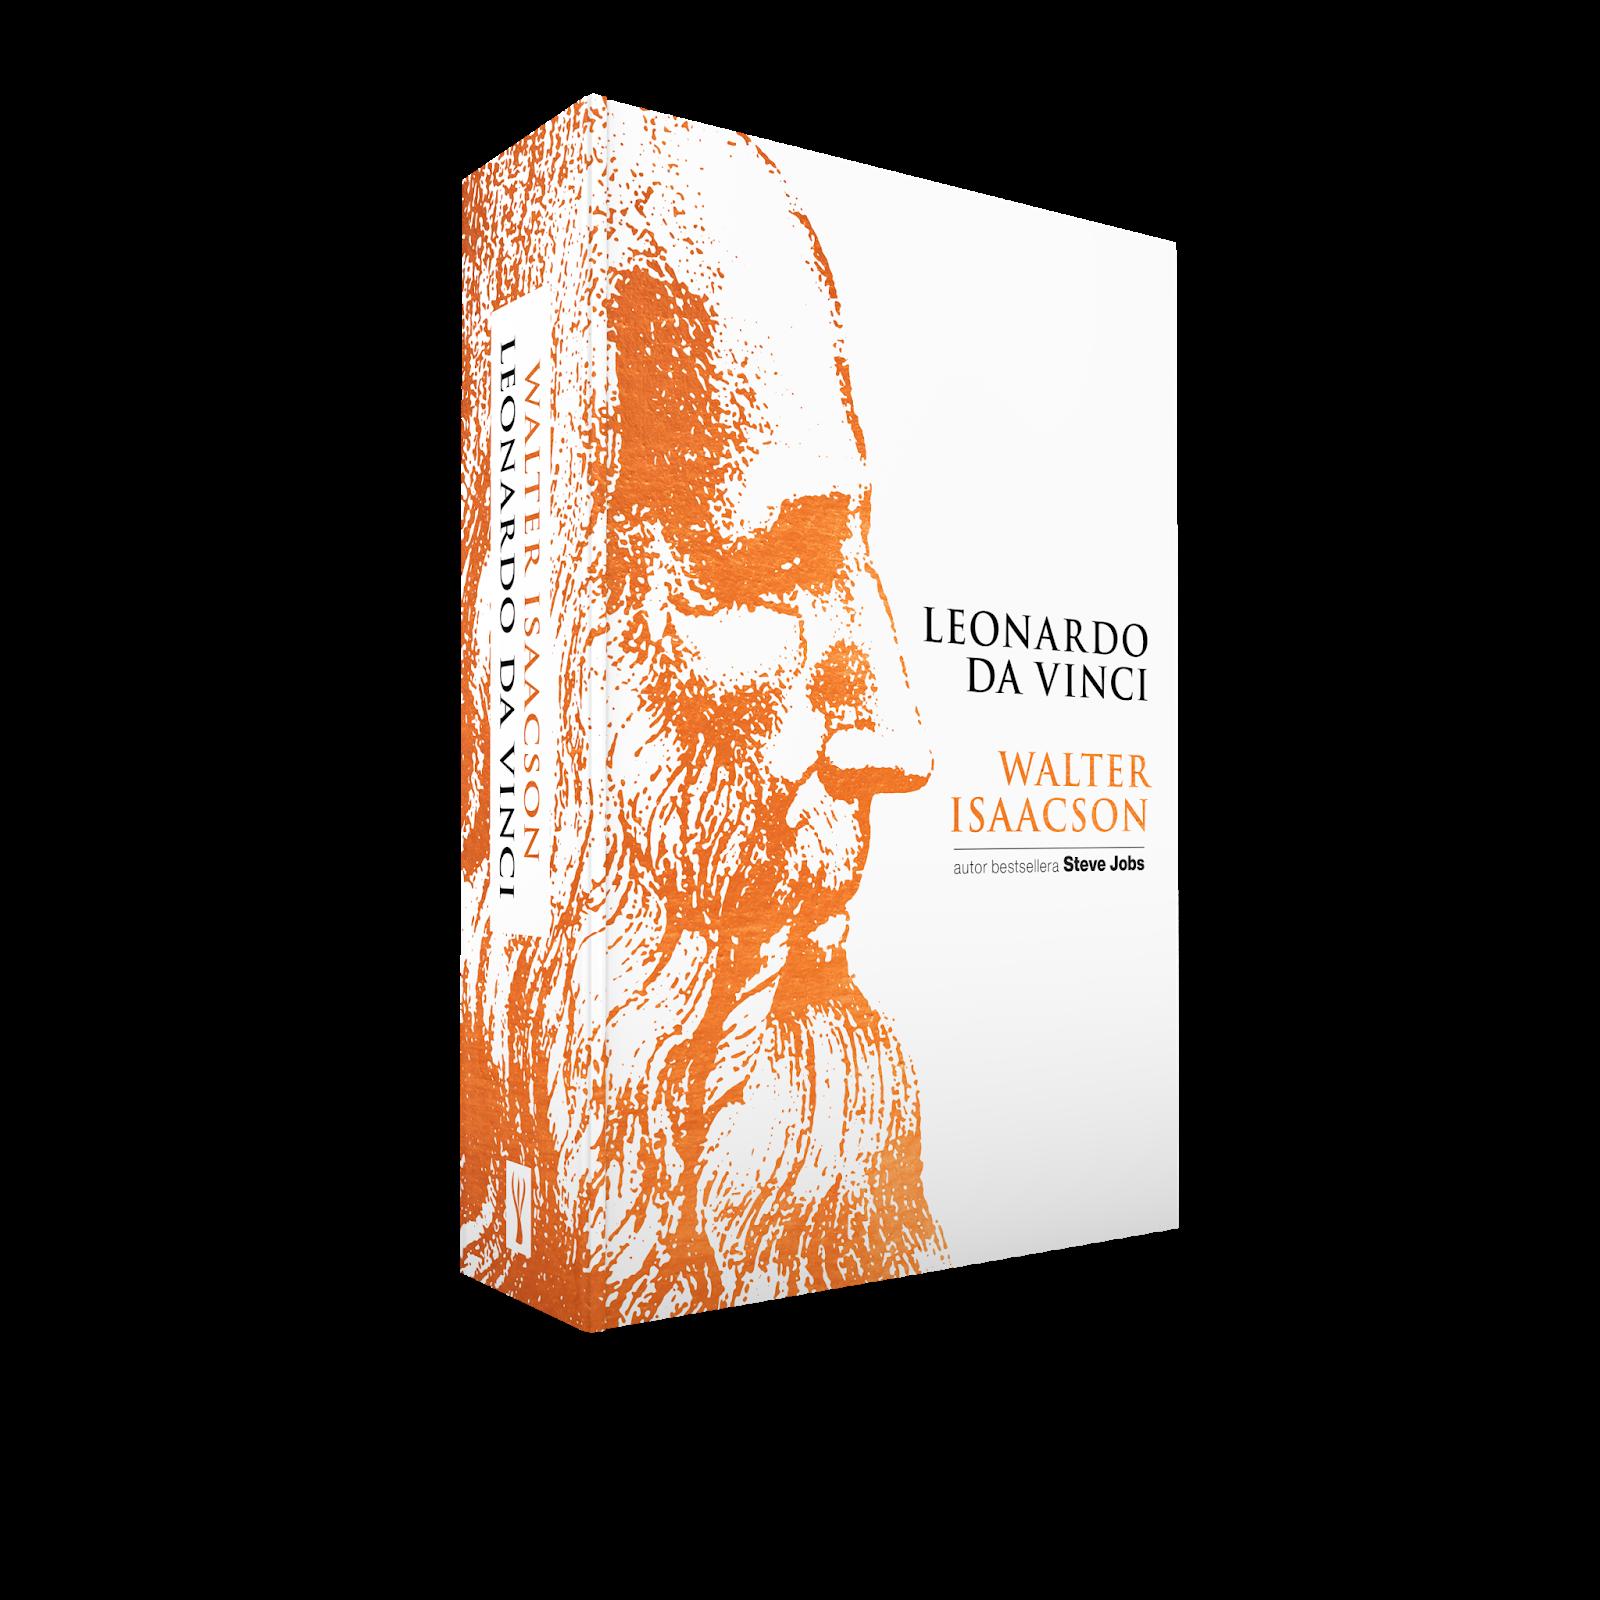 Leonardo da Vinci – geniusz, wizjoner, zwykły człowiek. Wyjątkowa książka Waltera Isaacsona już wkrótce w Polsce!